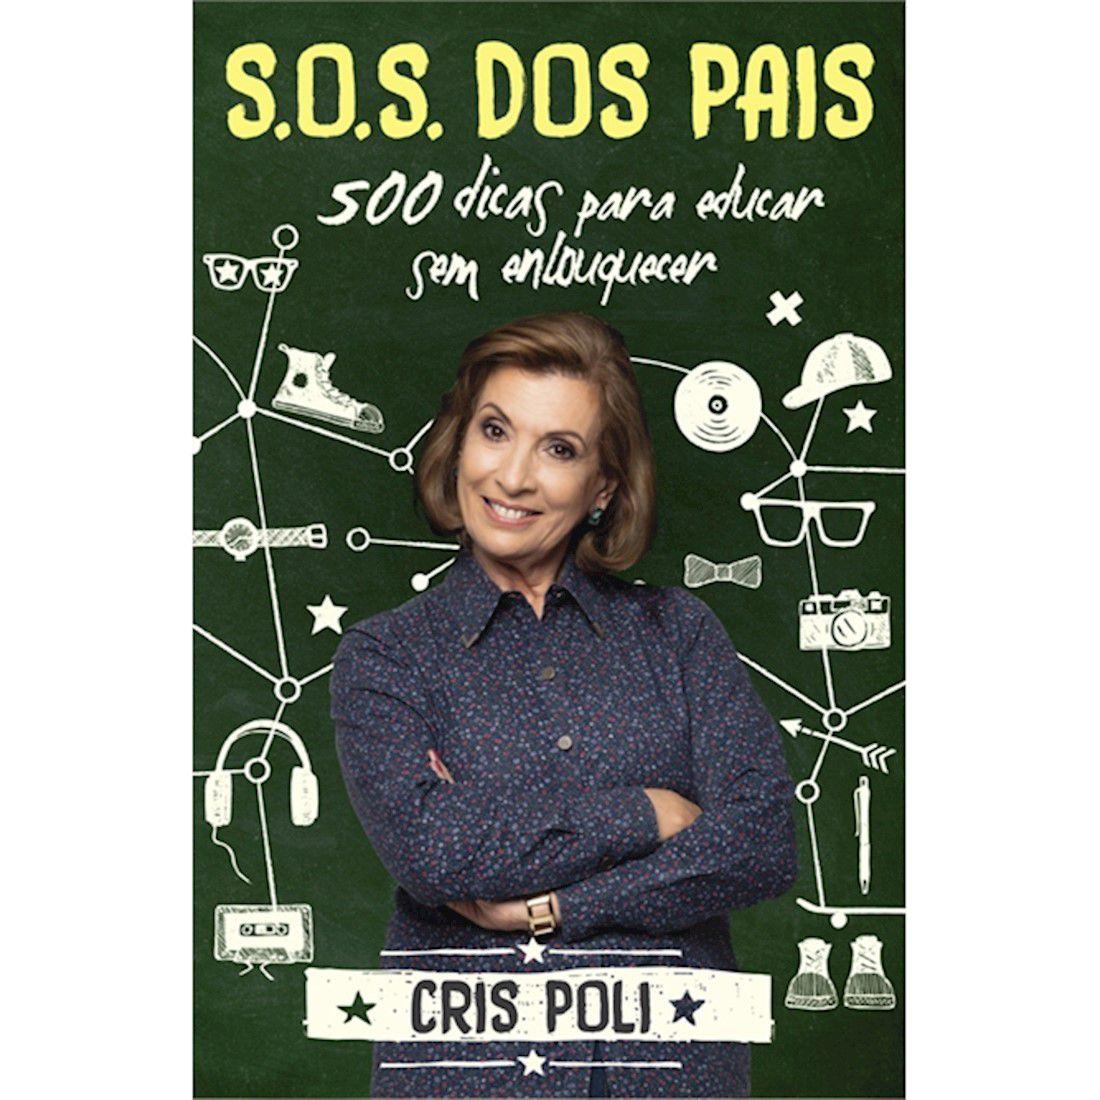 Livro S.O.S Dos Pais - 500 Dicas Para Educar Sem Enlouquecer